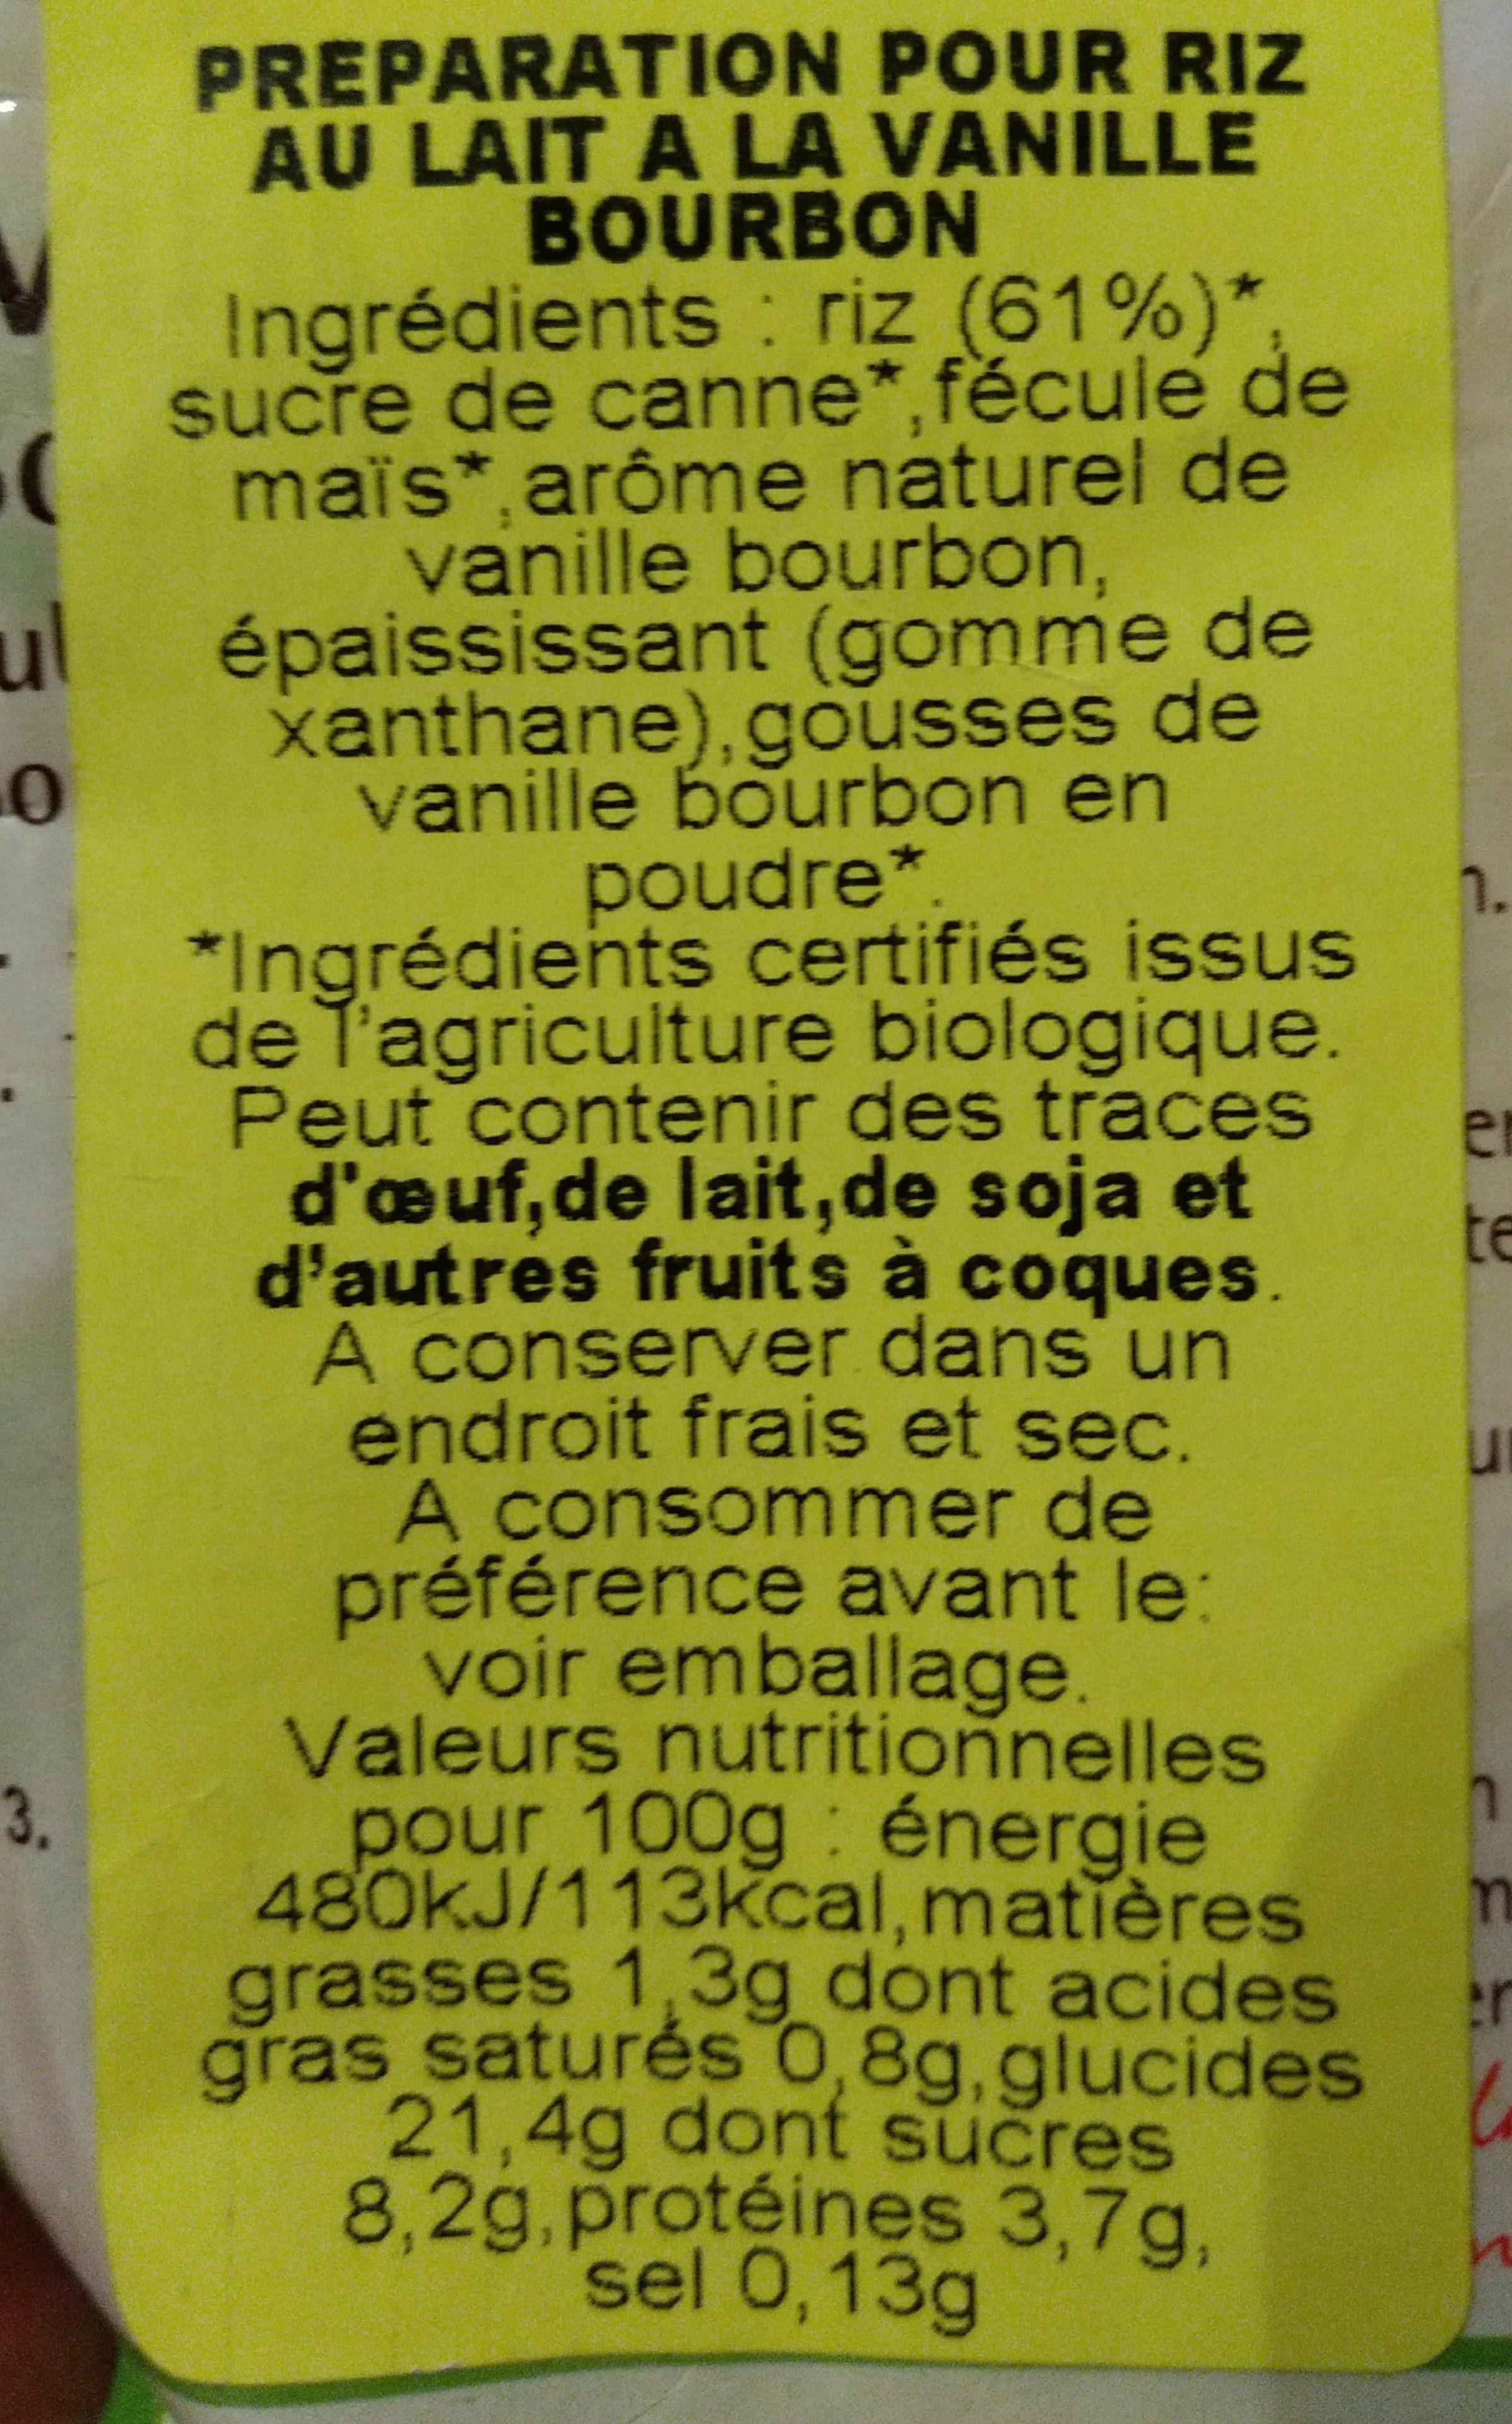 Ruf Milchreis - Ingrédients - fr